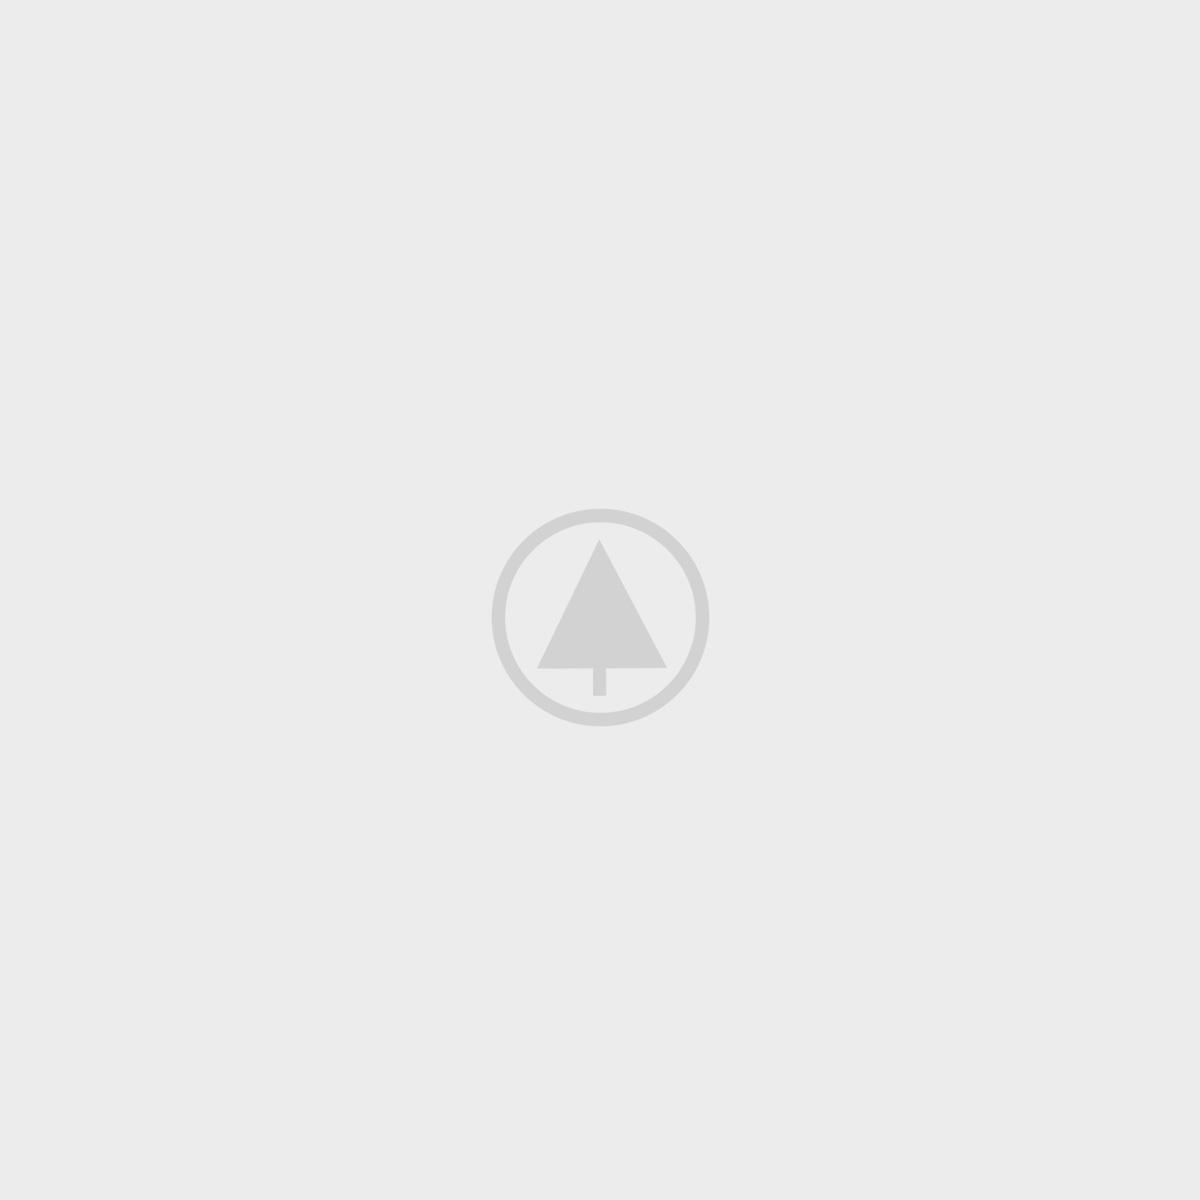 wood gallery placeholder 5 ⭐⭐⭐⭐⭐ Nhà cung cấp máy Bán Hàng Tự Động, TSE Máy bán nước tự động Số 1